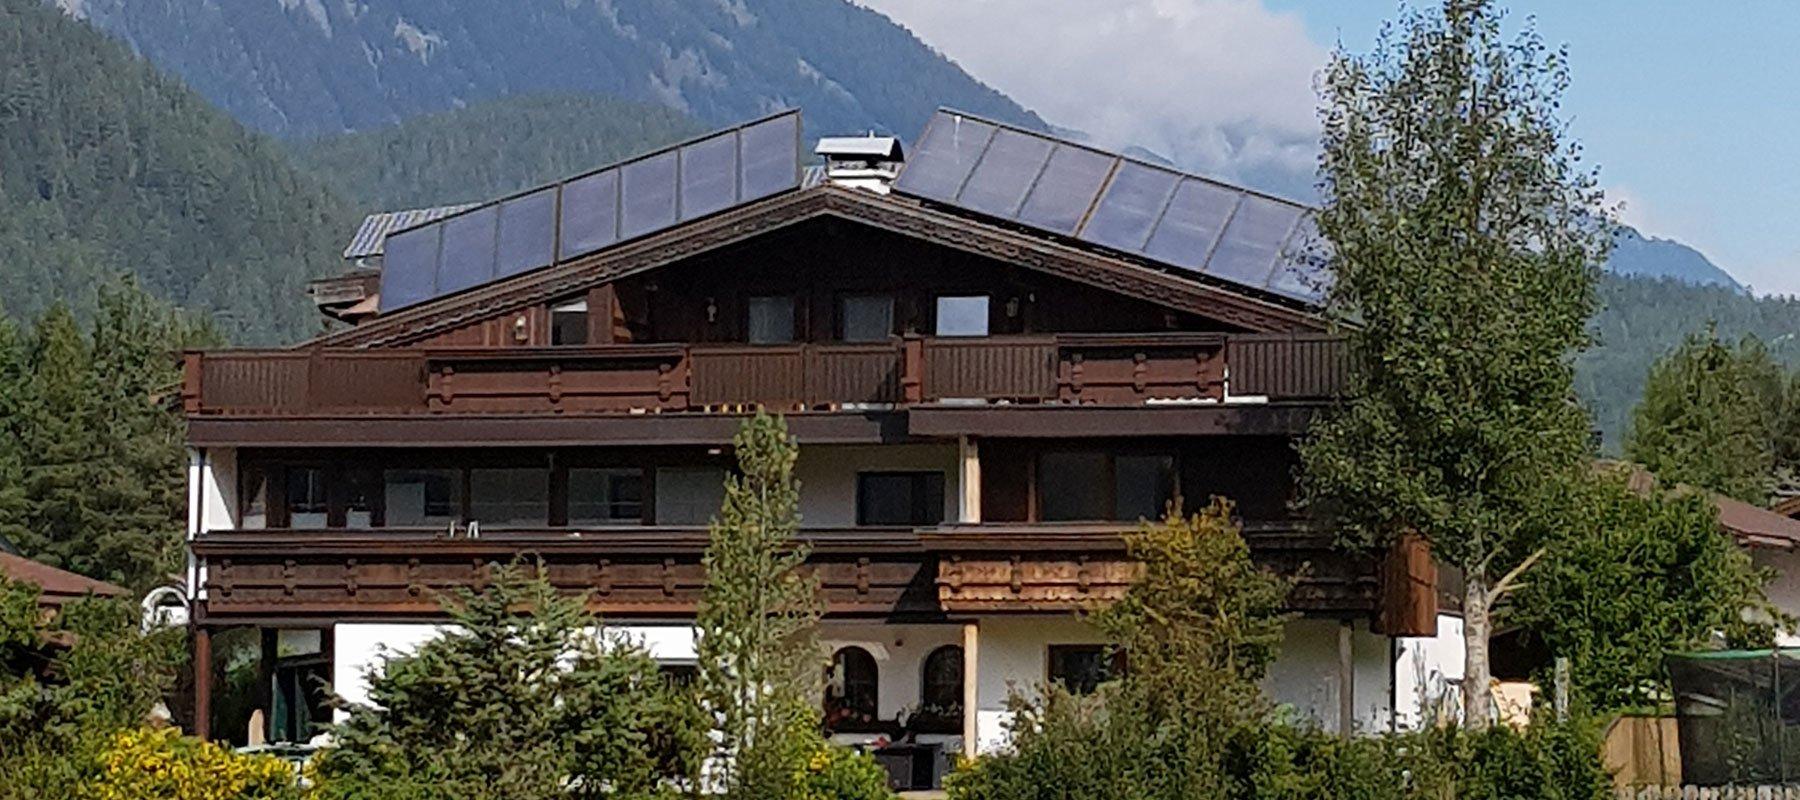 Ferienhaus Alpenroyal im Sommer